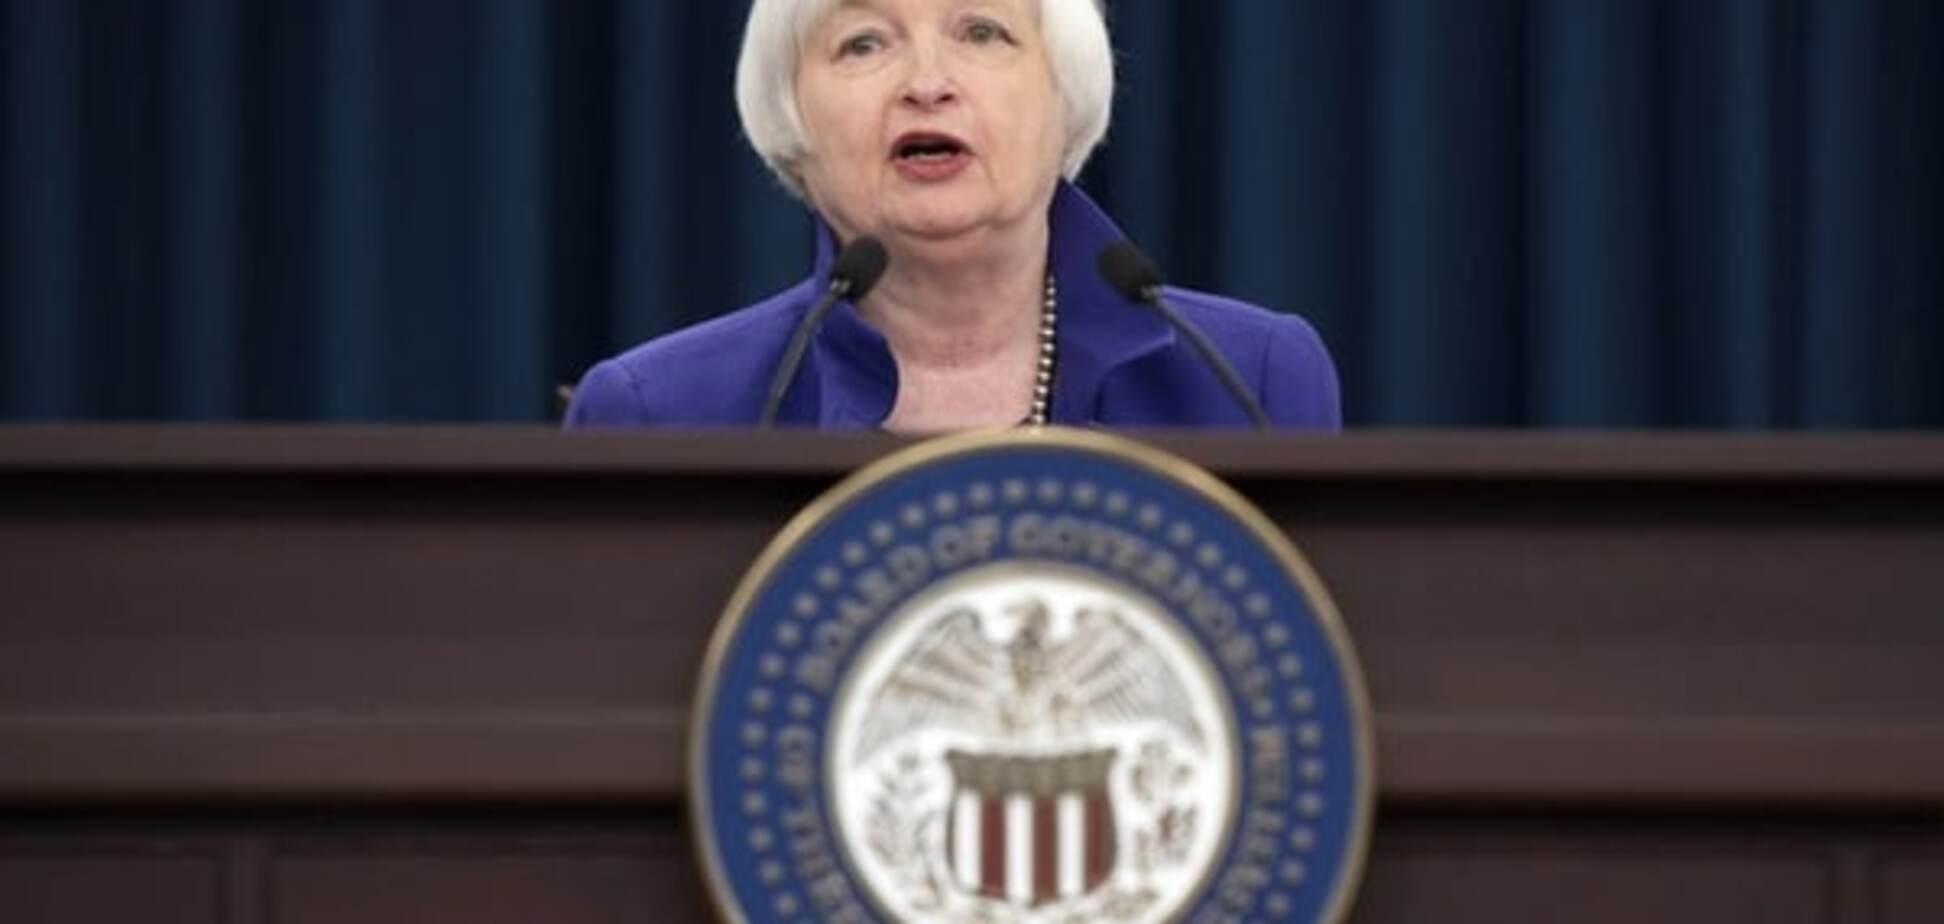 ФРС приняла решение по ставке: как изменились курсы валют в мире